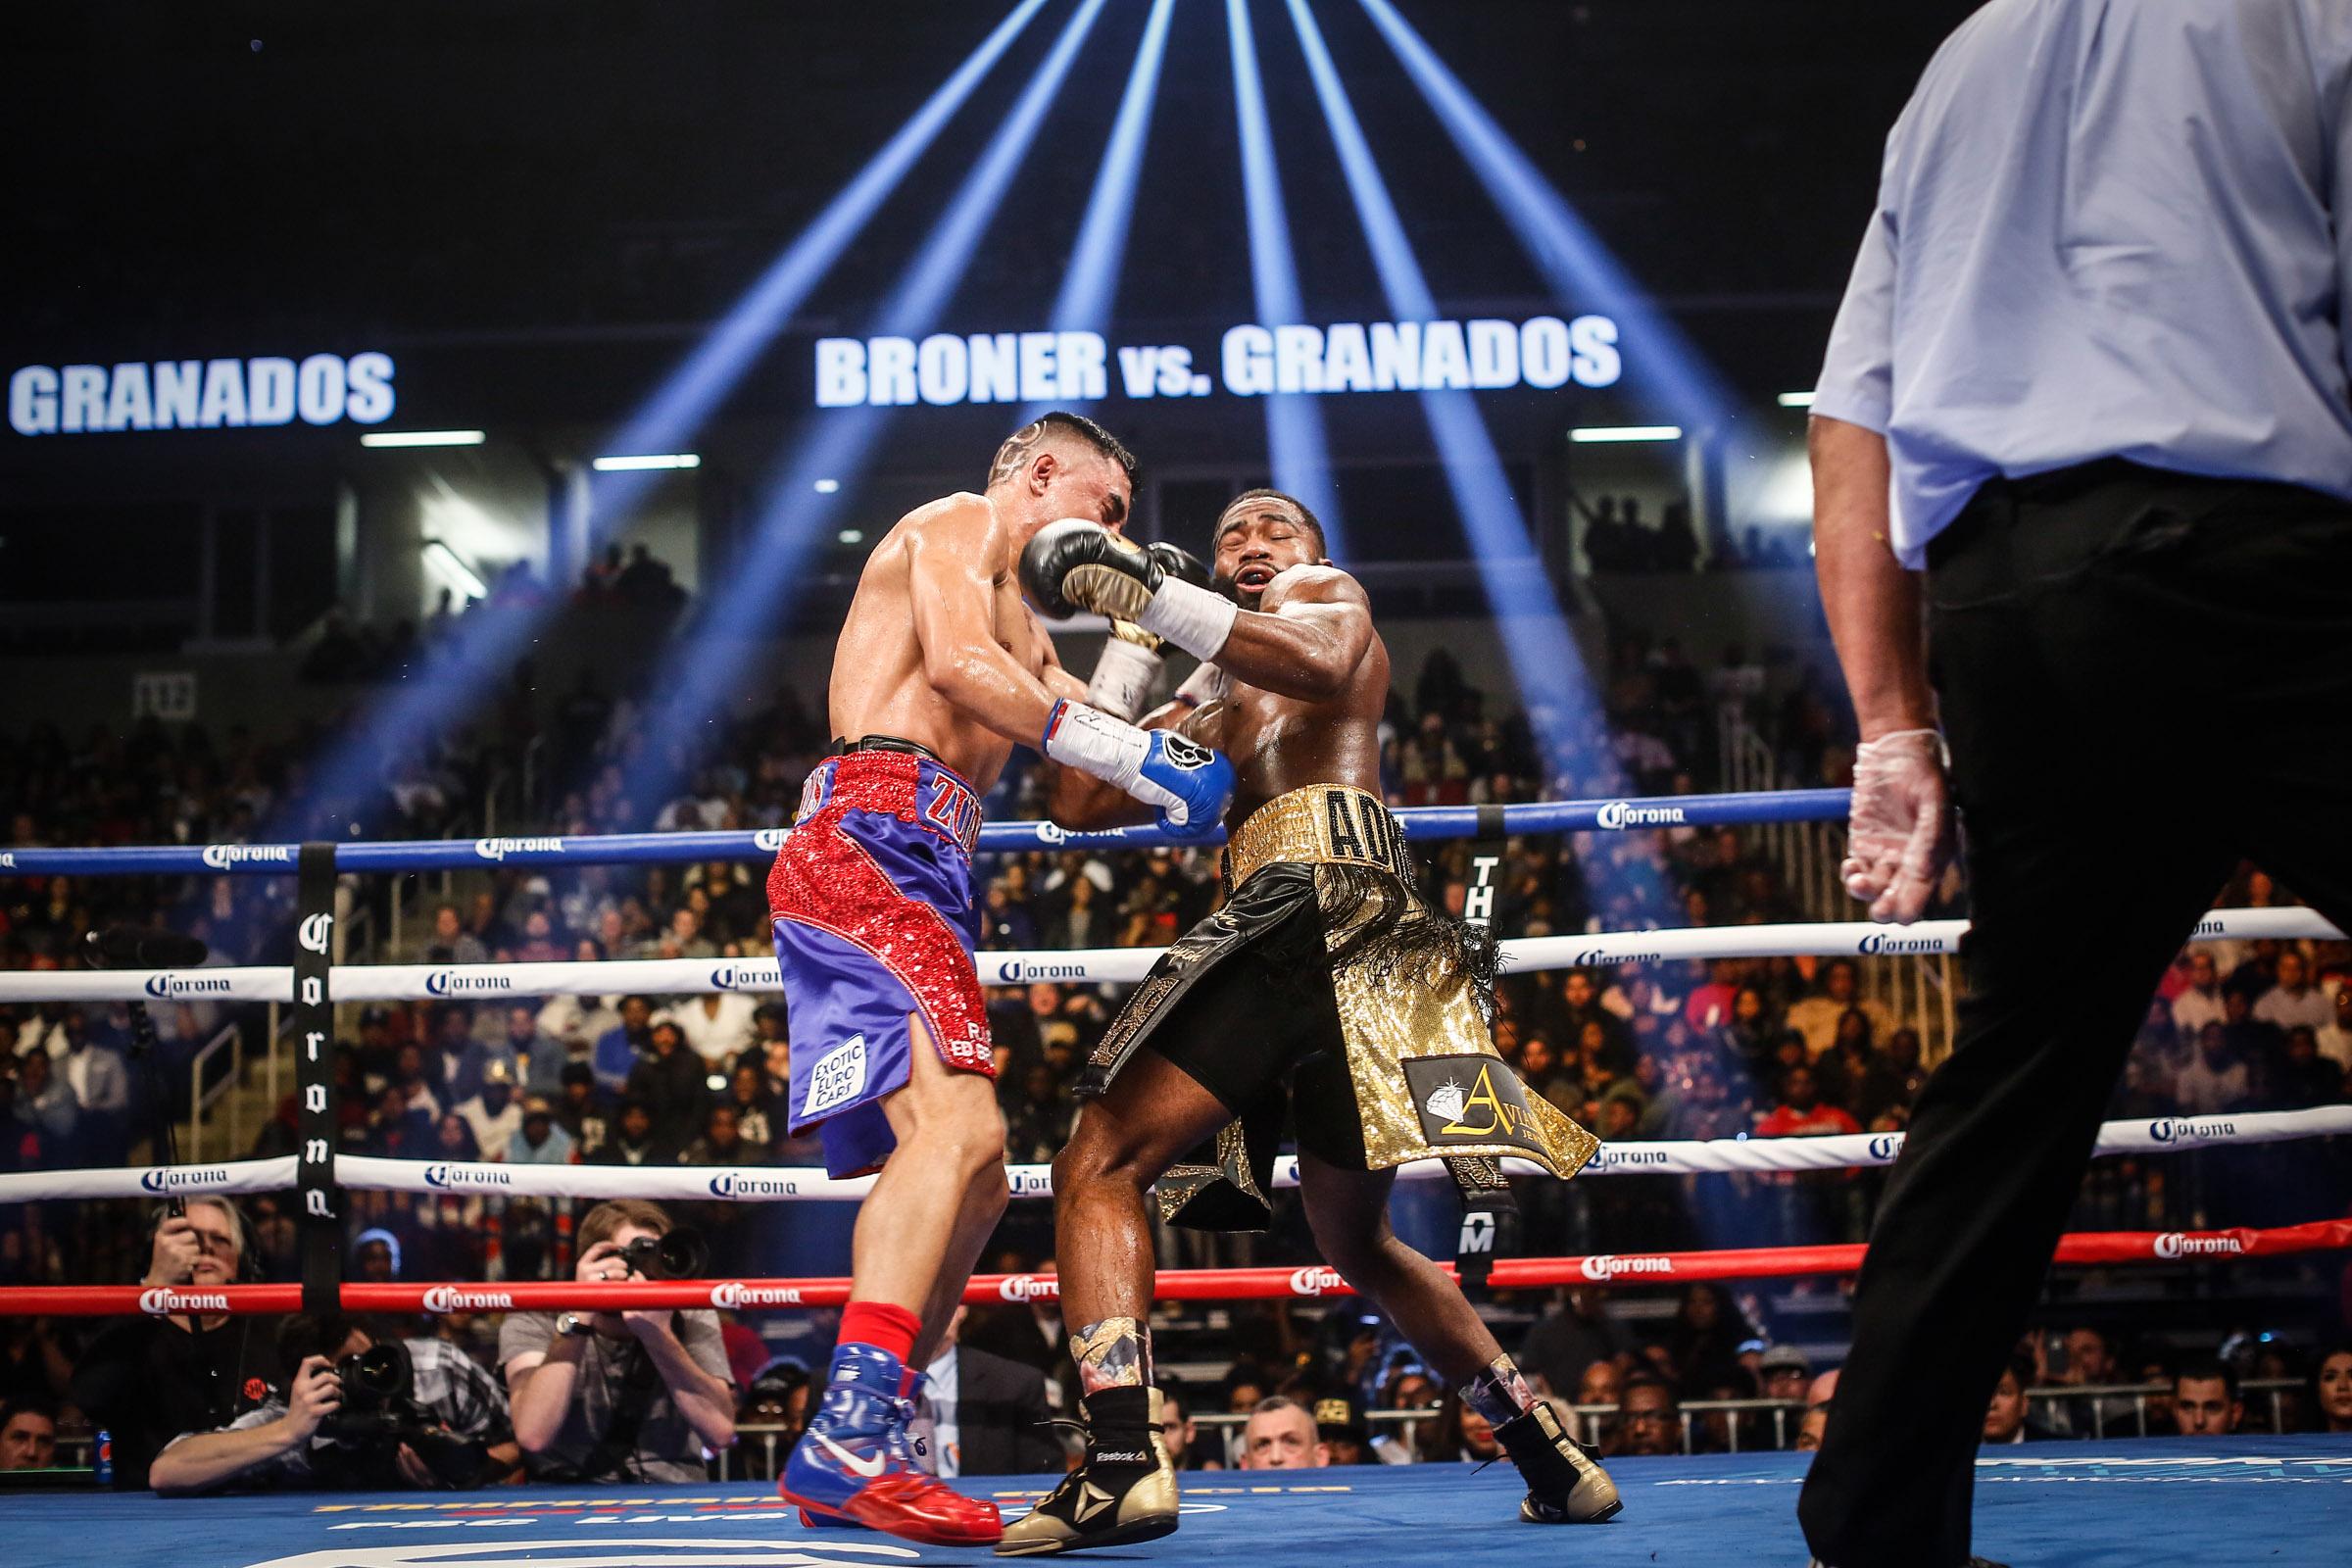 LR_SHO-FIGHT NIGHT-BRONER VS GRANADOS-02182017-9693.jpg